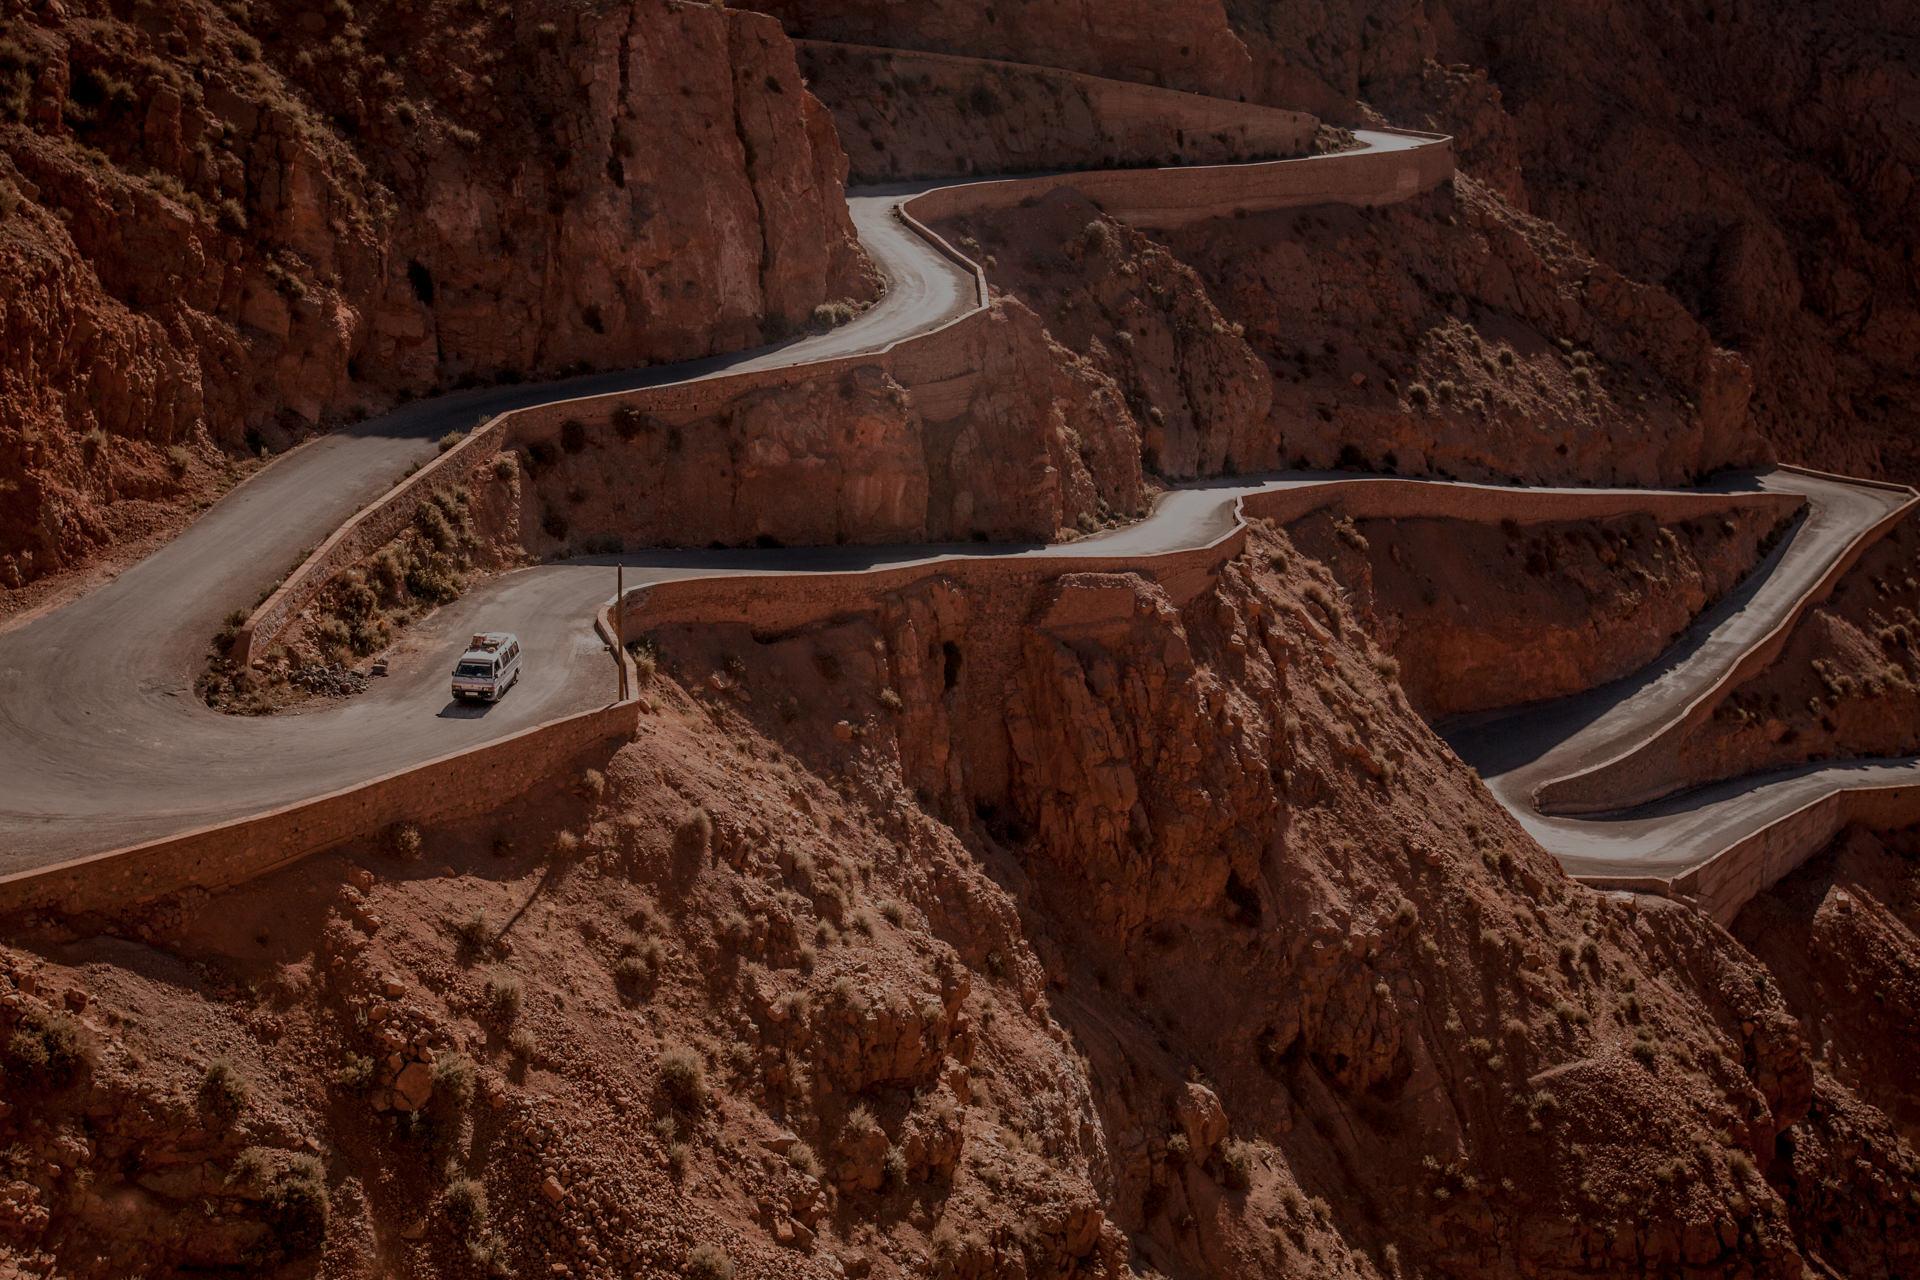 Dades Gorge Maroko